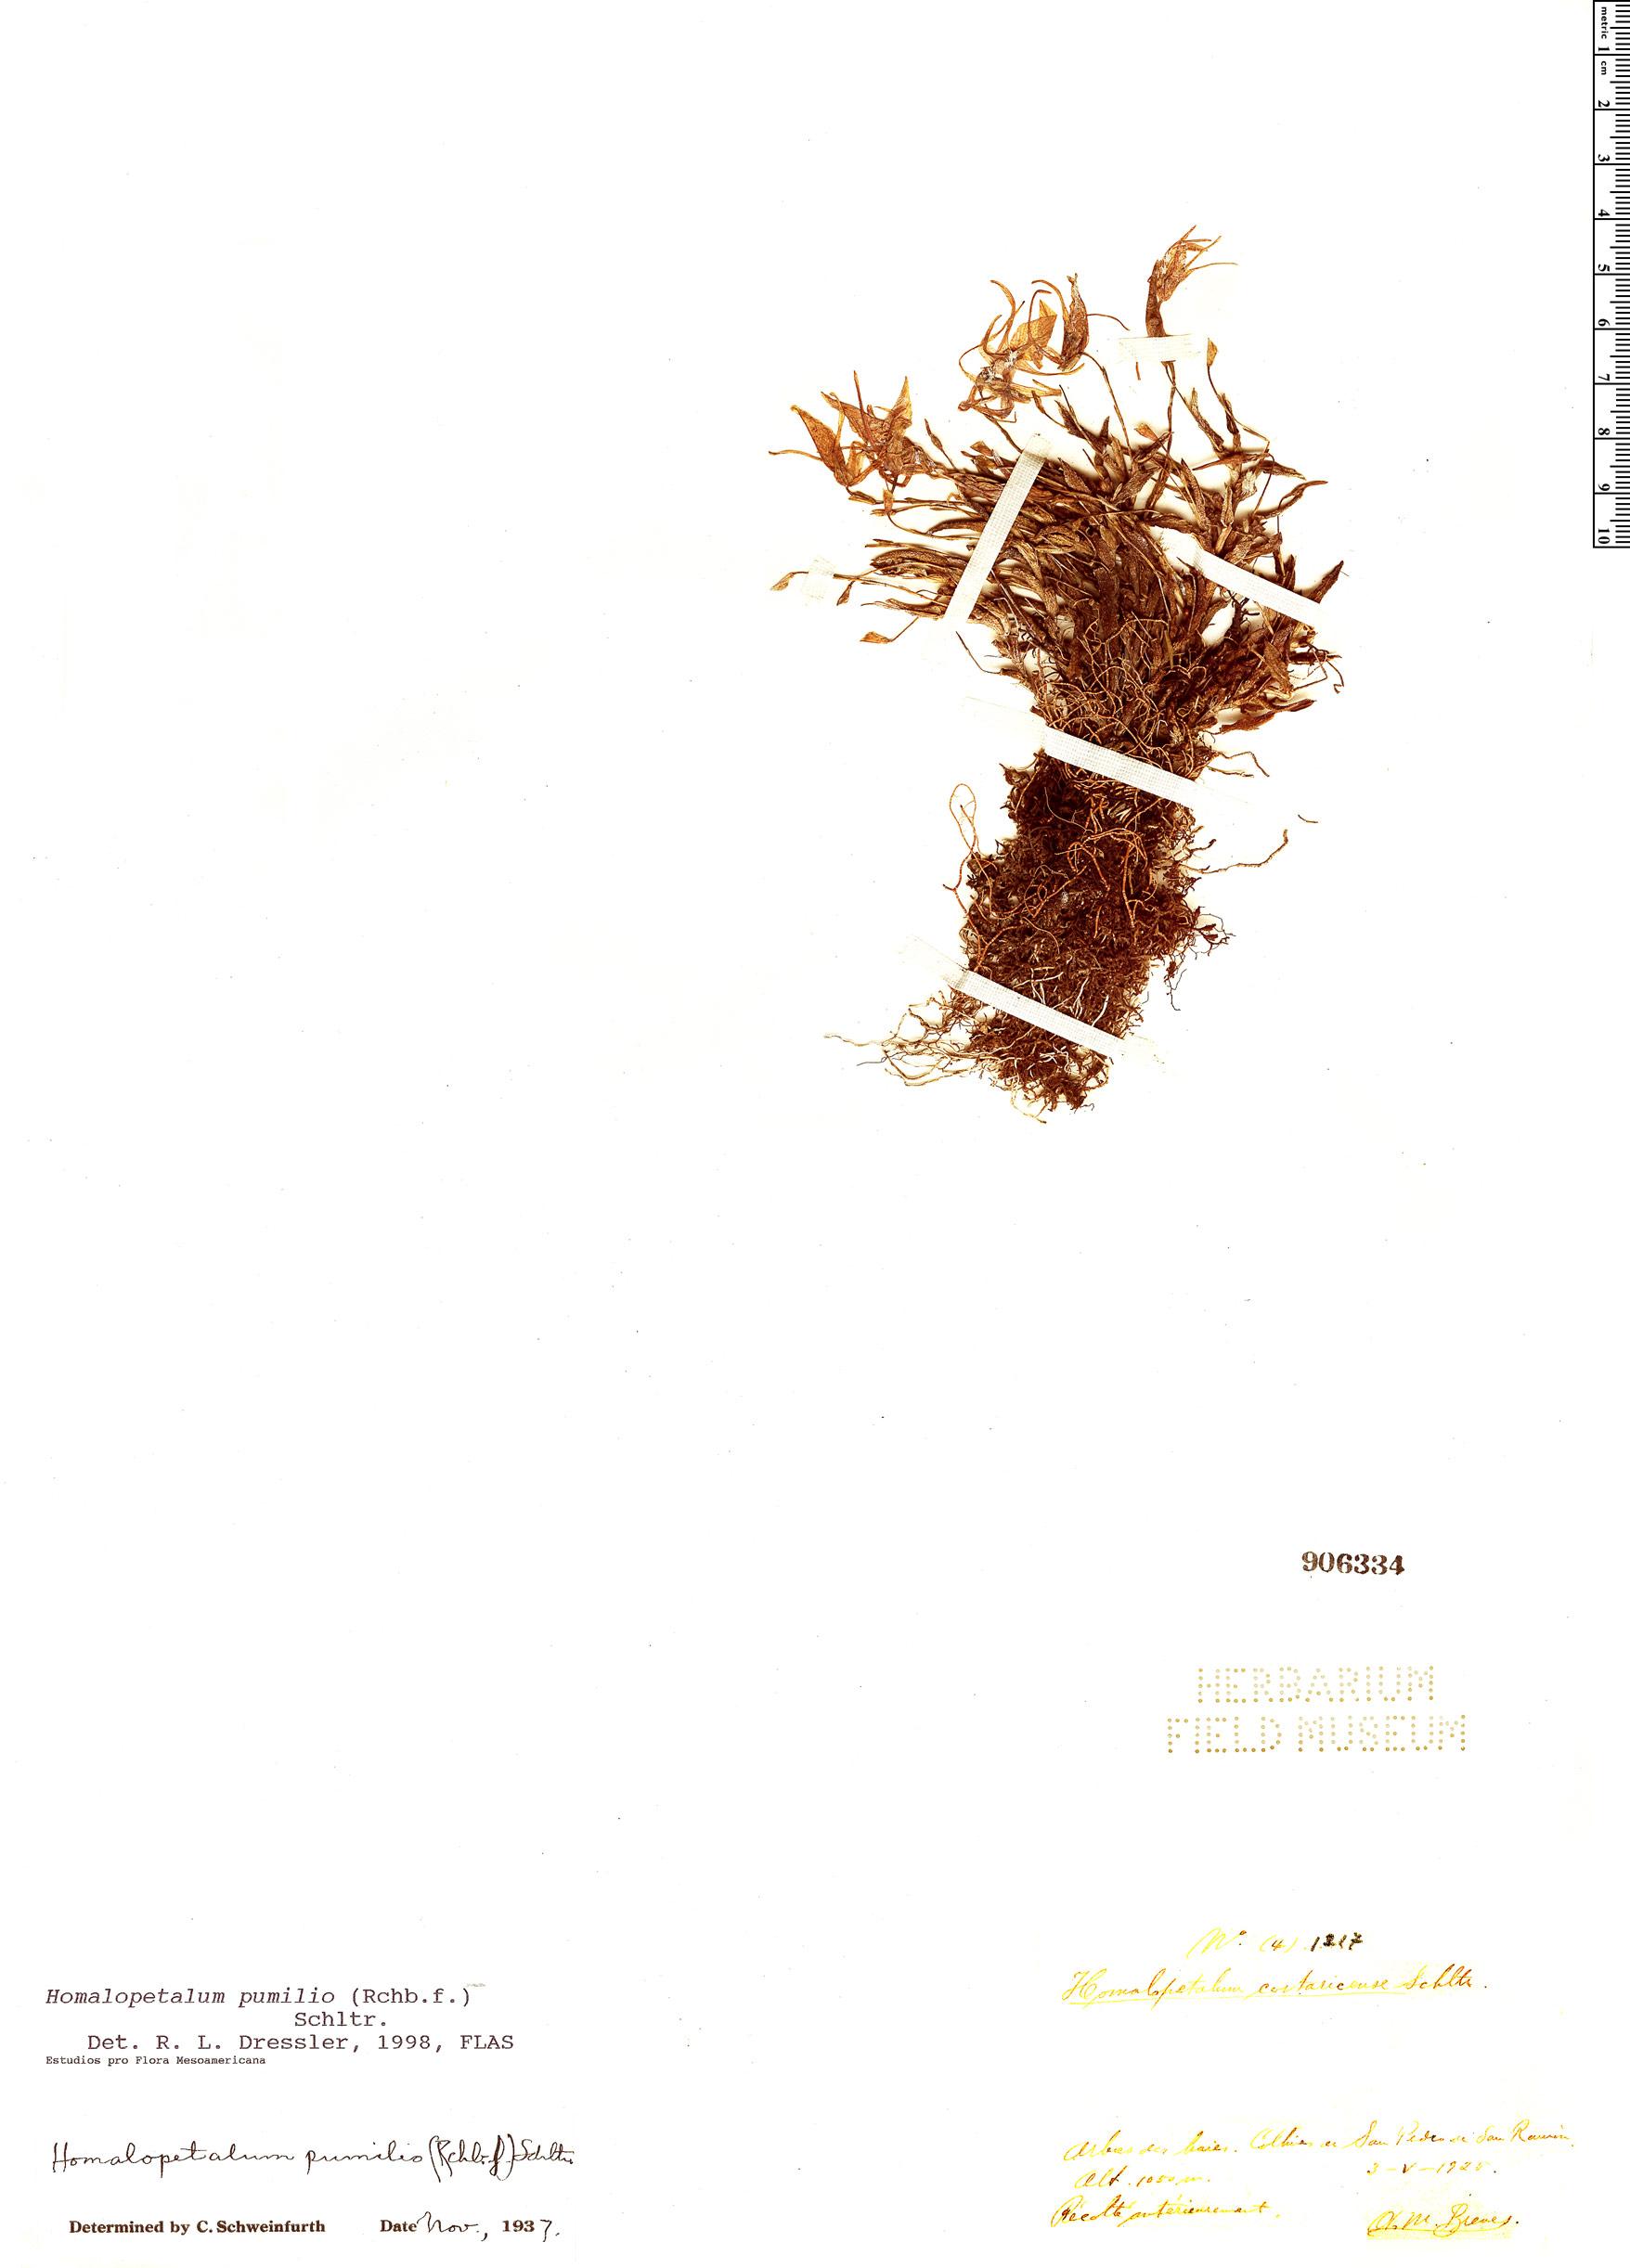 Specimen: Homalopetalum pumilio